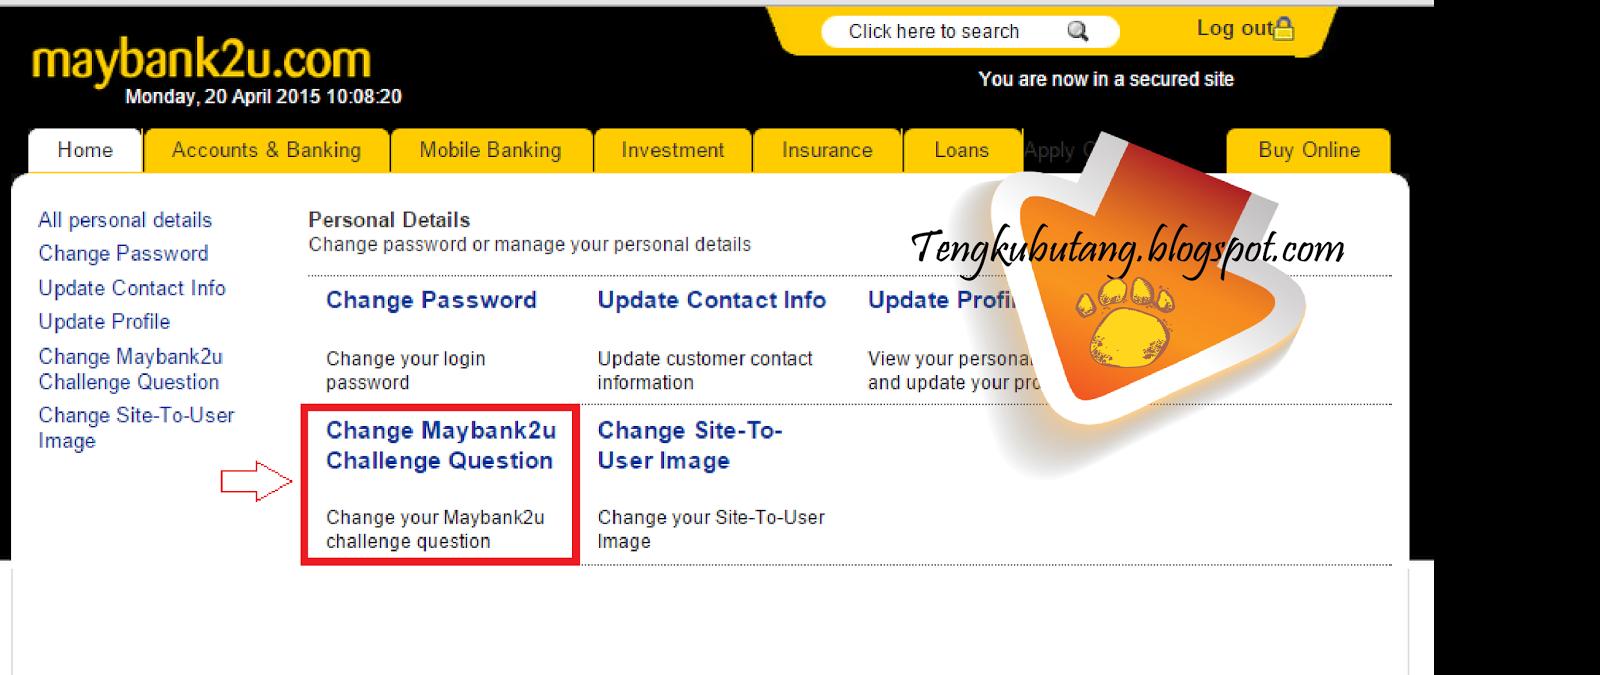 Maybank2u log in online